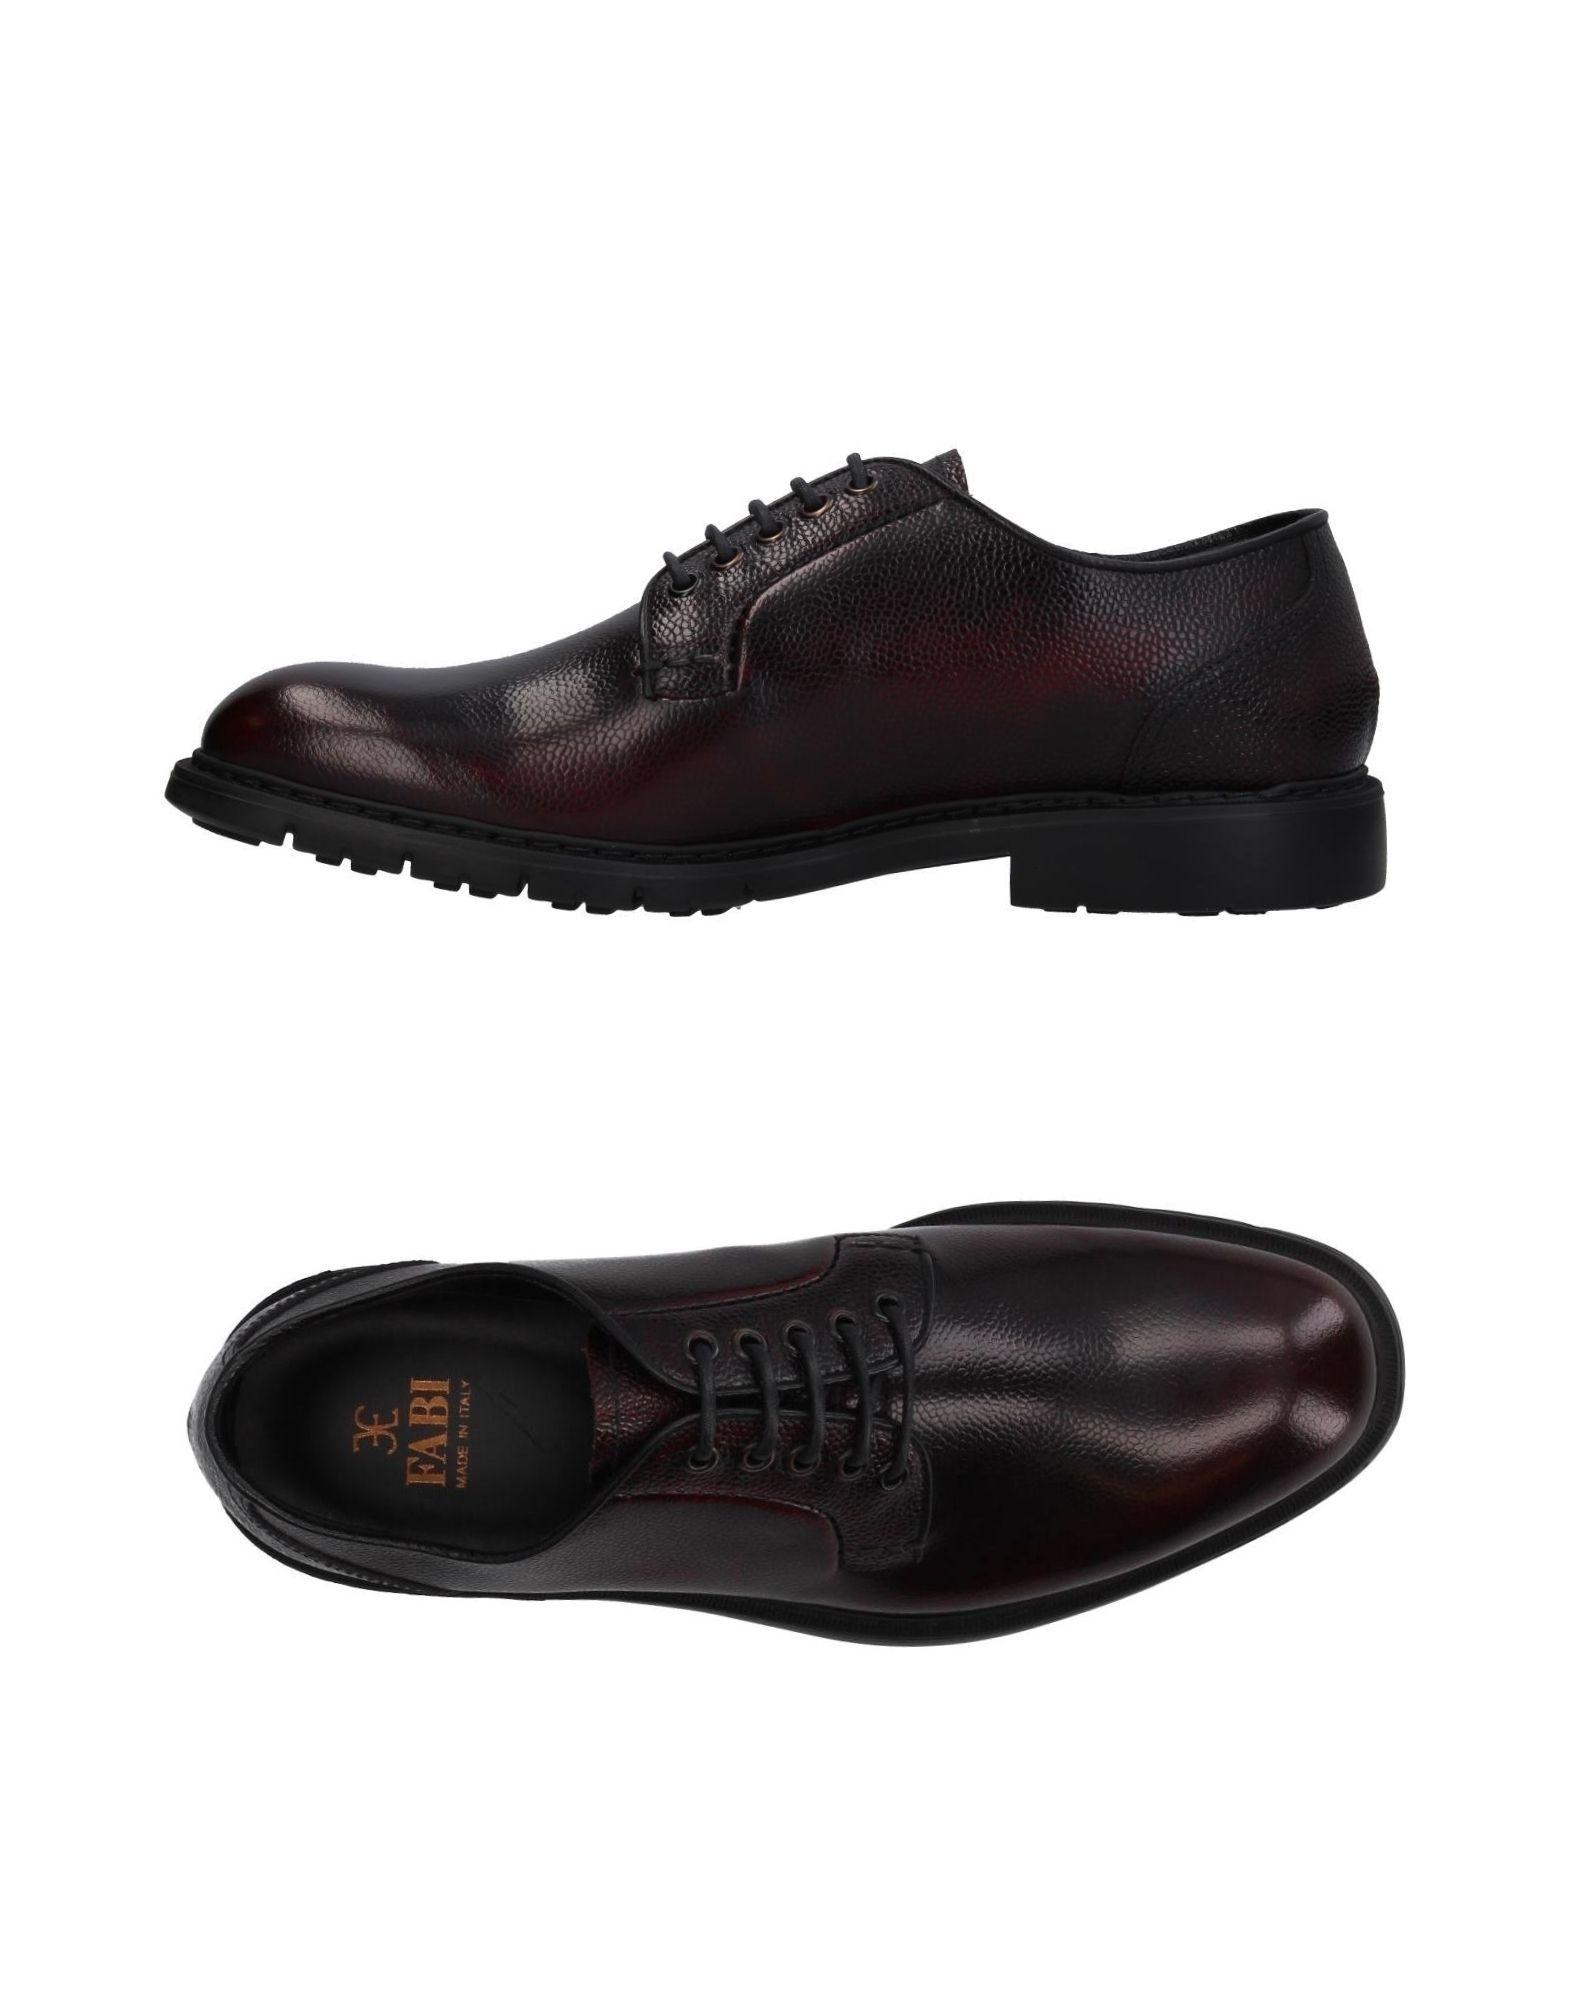 Fabi Schnürschuhe Herren  11385976MJ Gute Qualität beliebte Schuhe